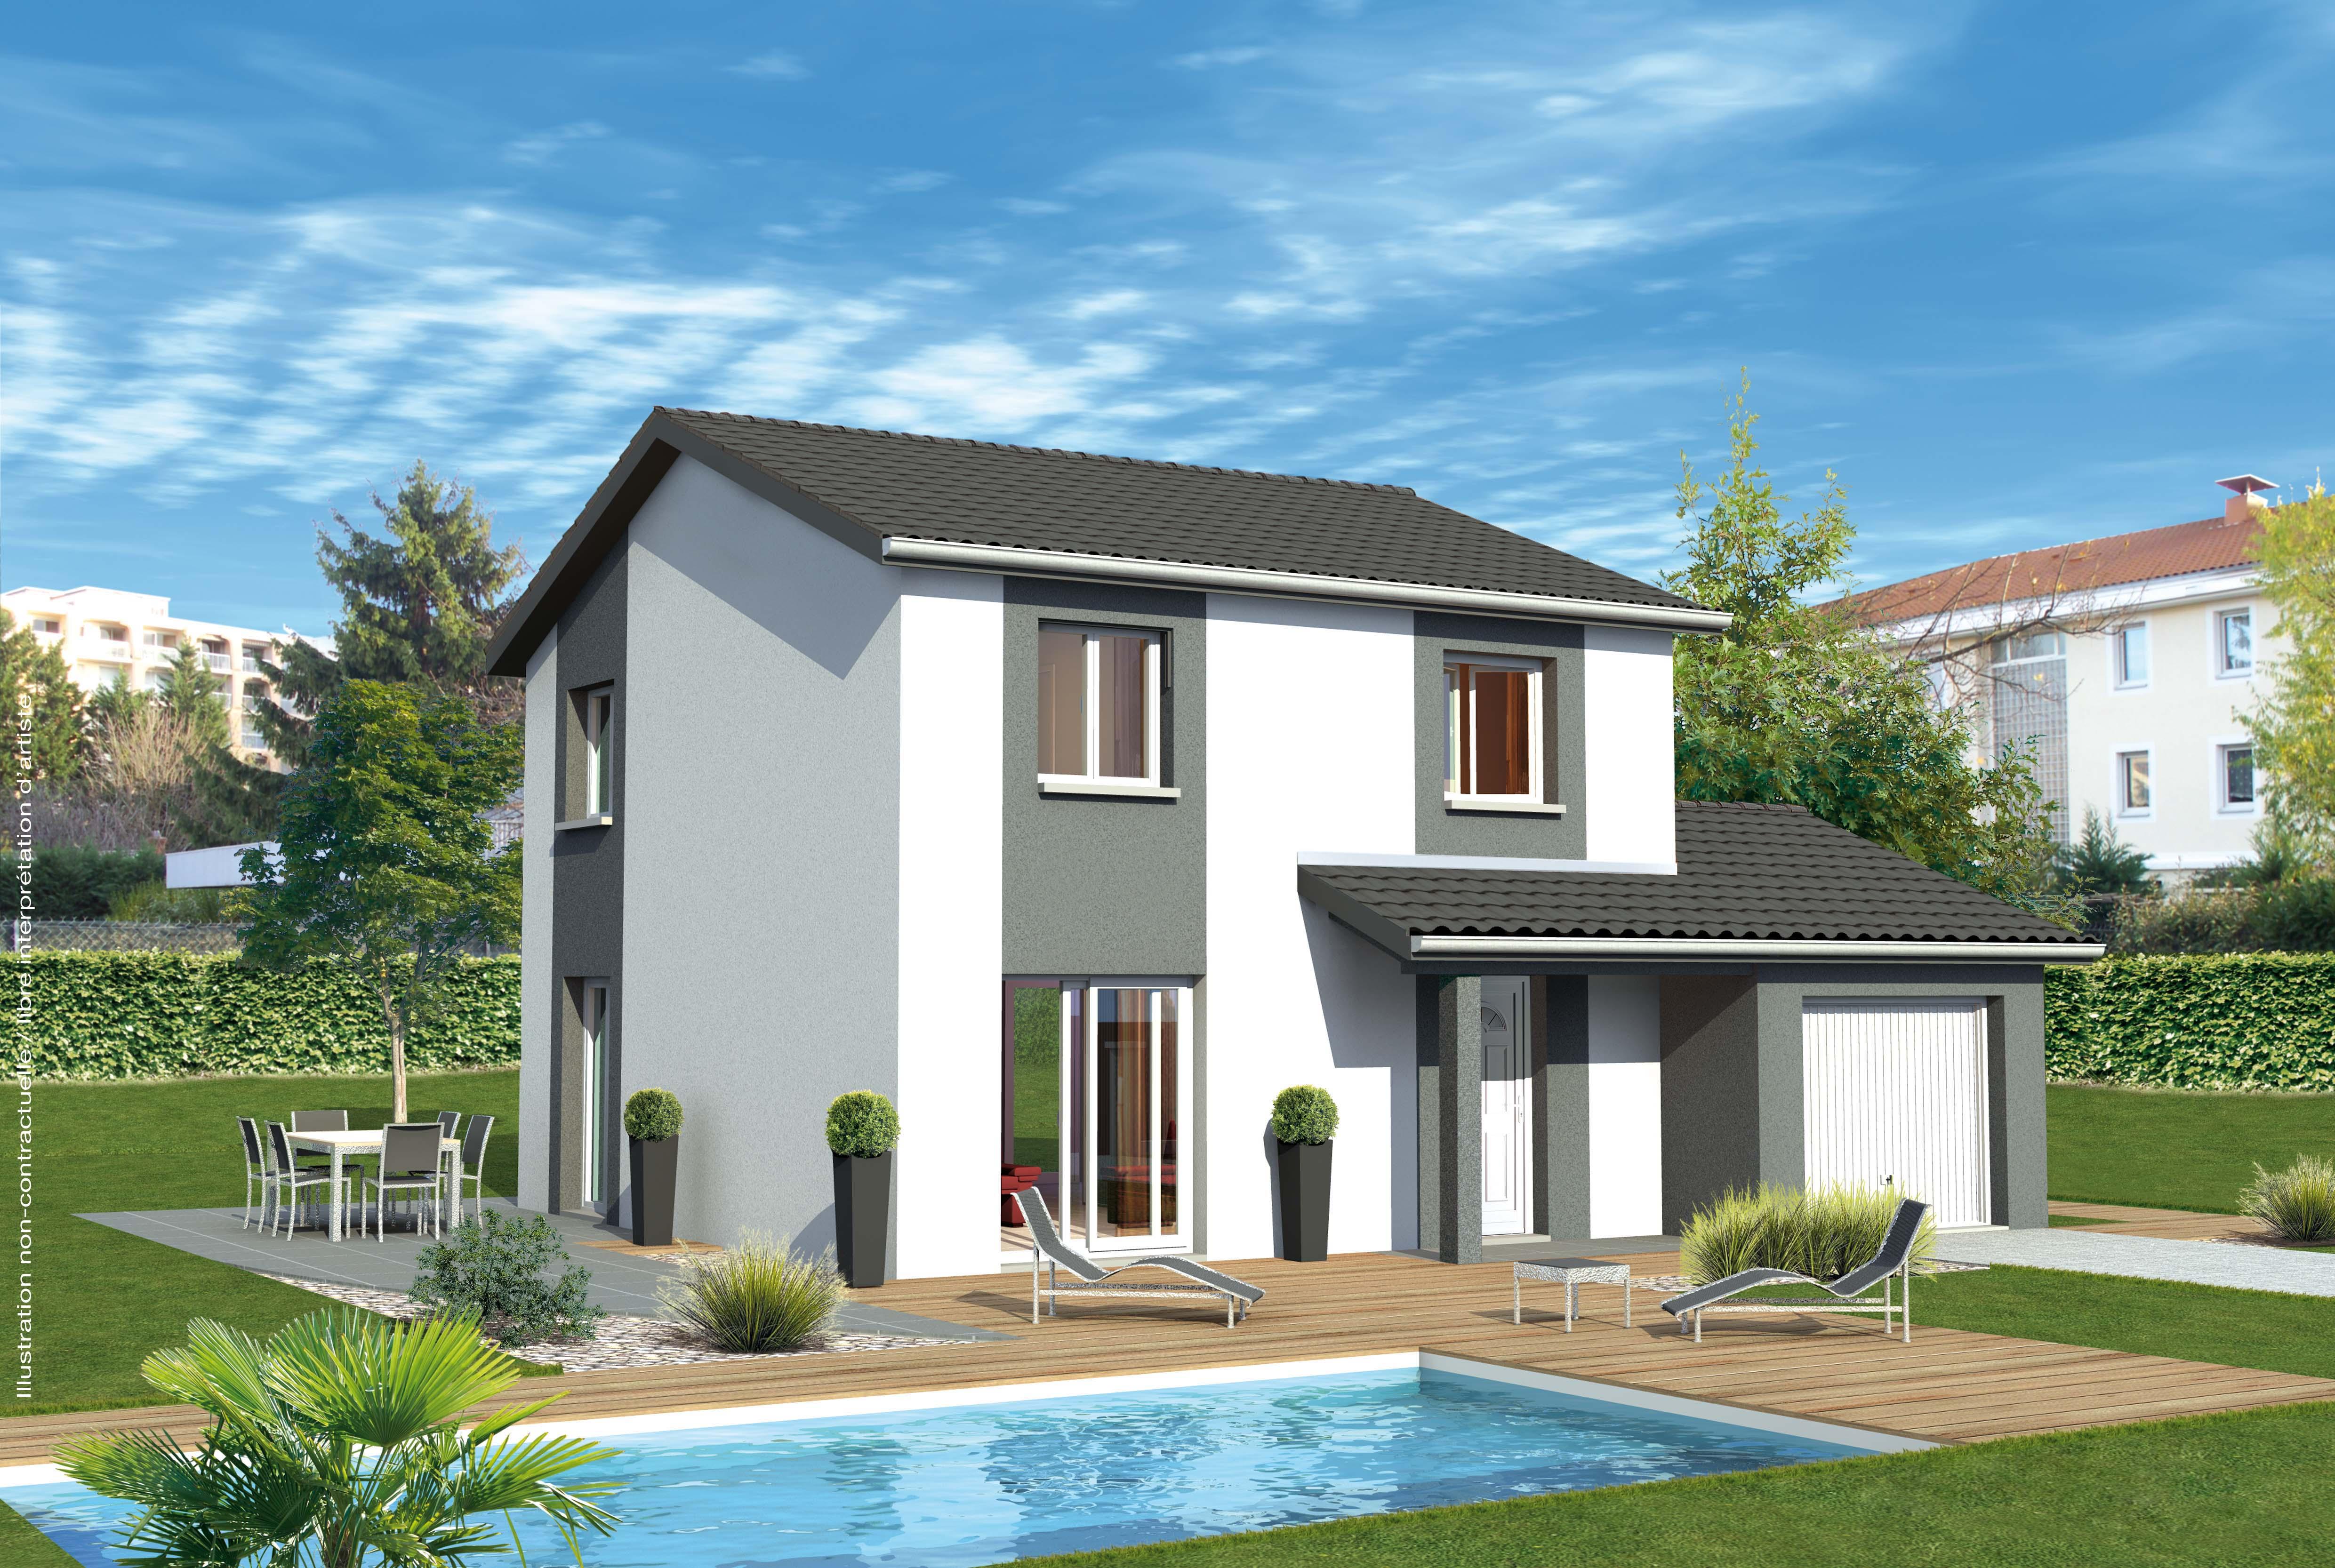 Maisons + Terrains du constructeur MAISONS PUNCH ST ETIENNE • 94 m² • FEURS